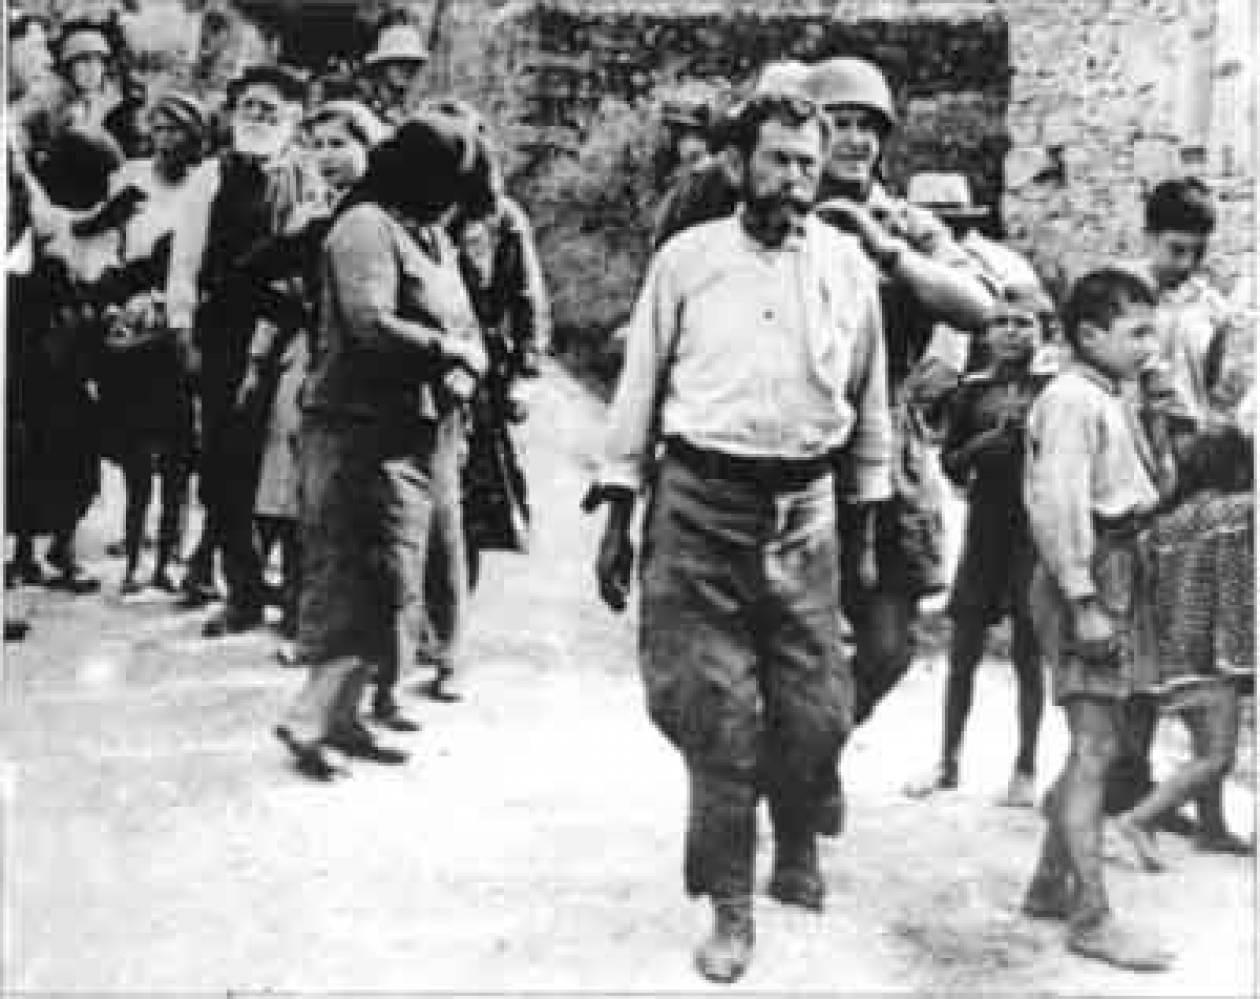 Πρώτη δικαίωση για τα θύματα της Γερμανικής κατοχής